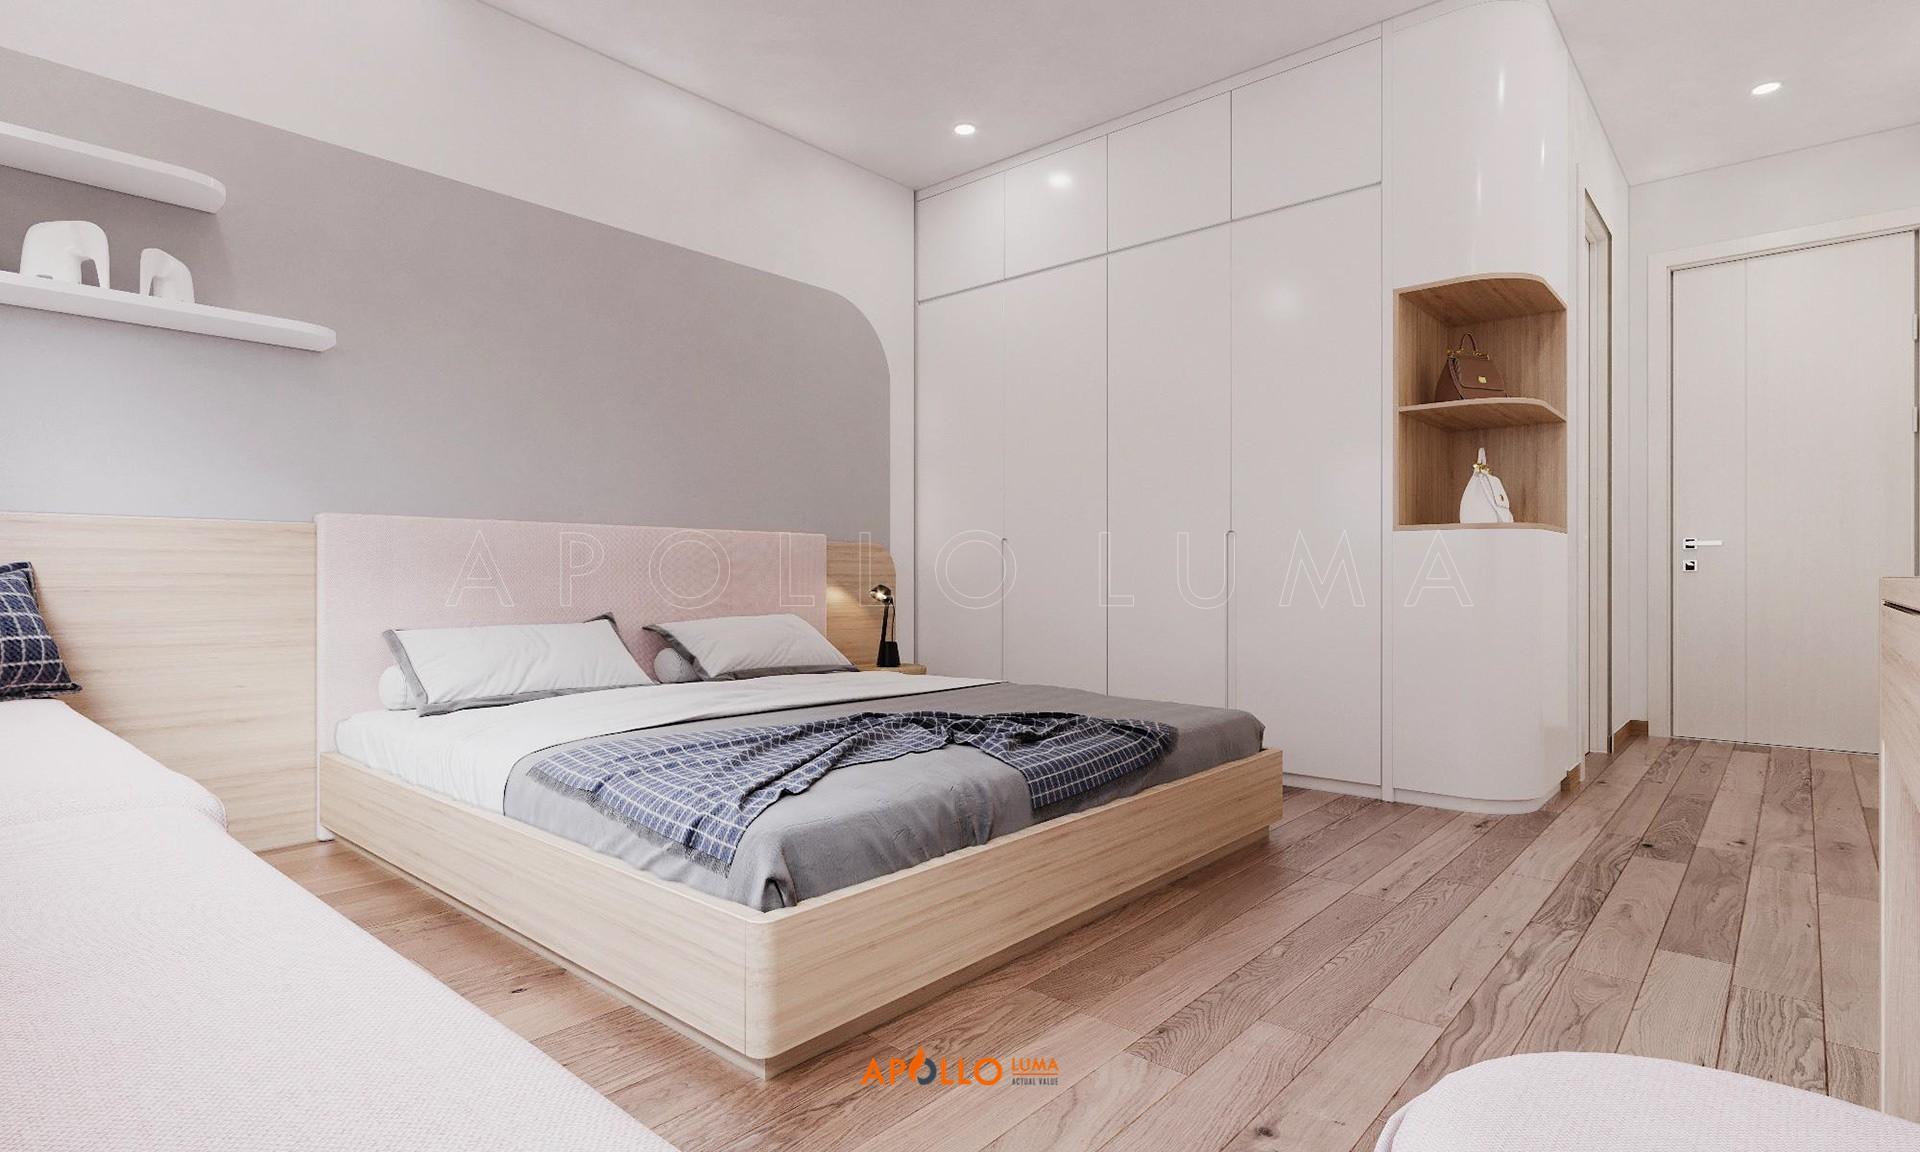 Thiết kế nội thất căn hộ 2 phòng ngủ (78.4m2) Premier Berriver Long Biên